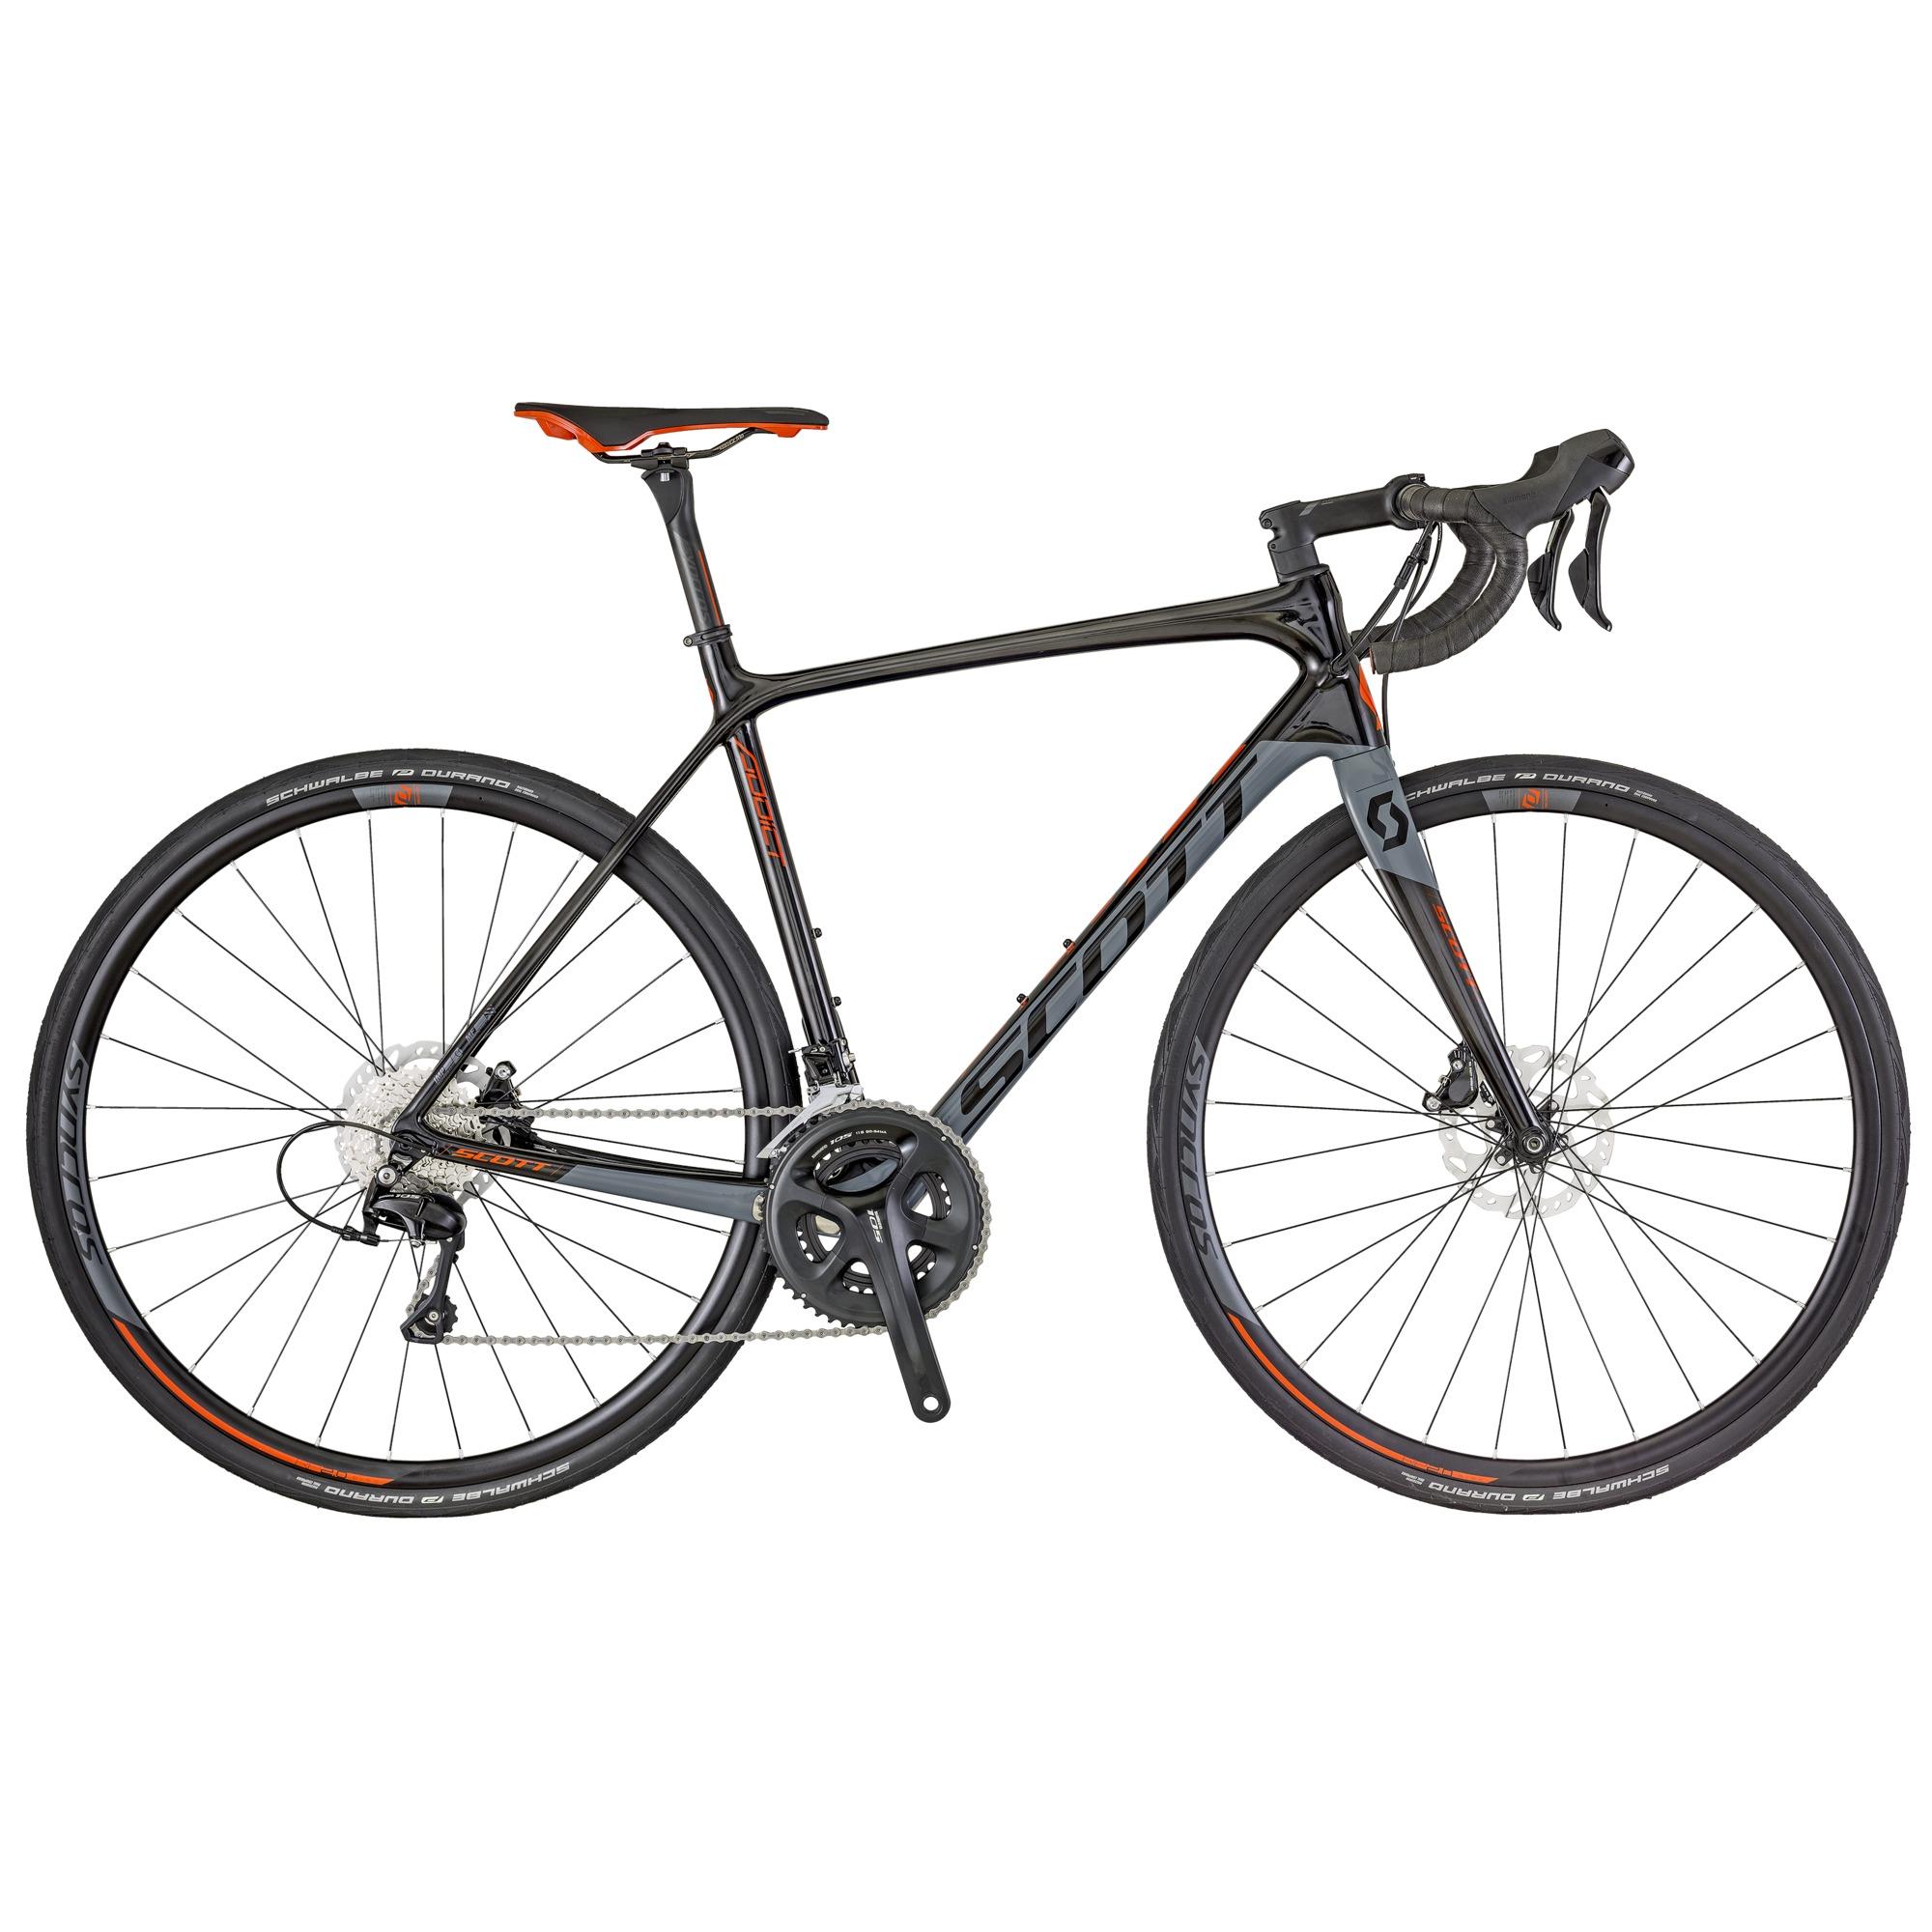 SCOTT Addict 20 Disc Bike 2XL61 - Zweirad Homann